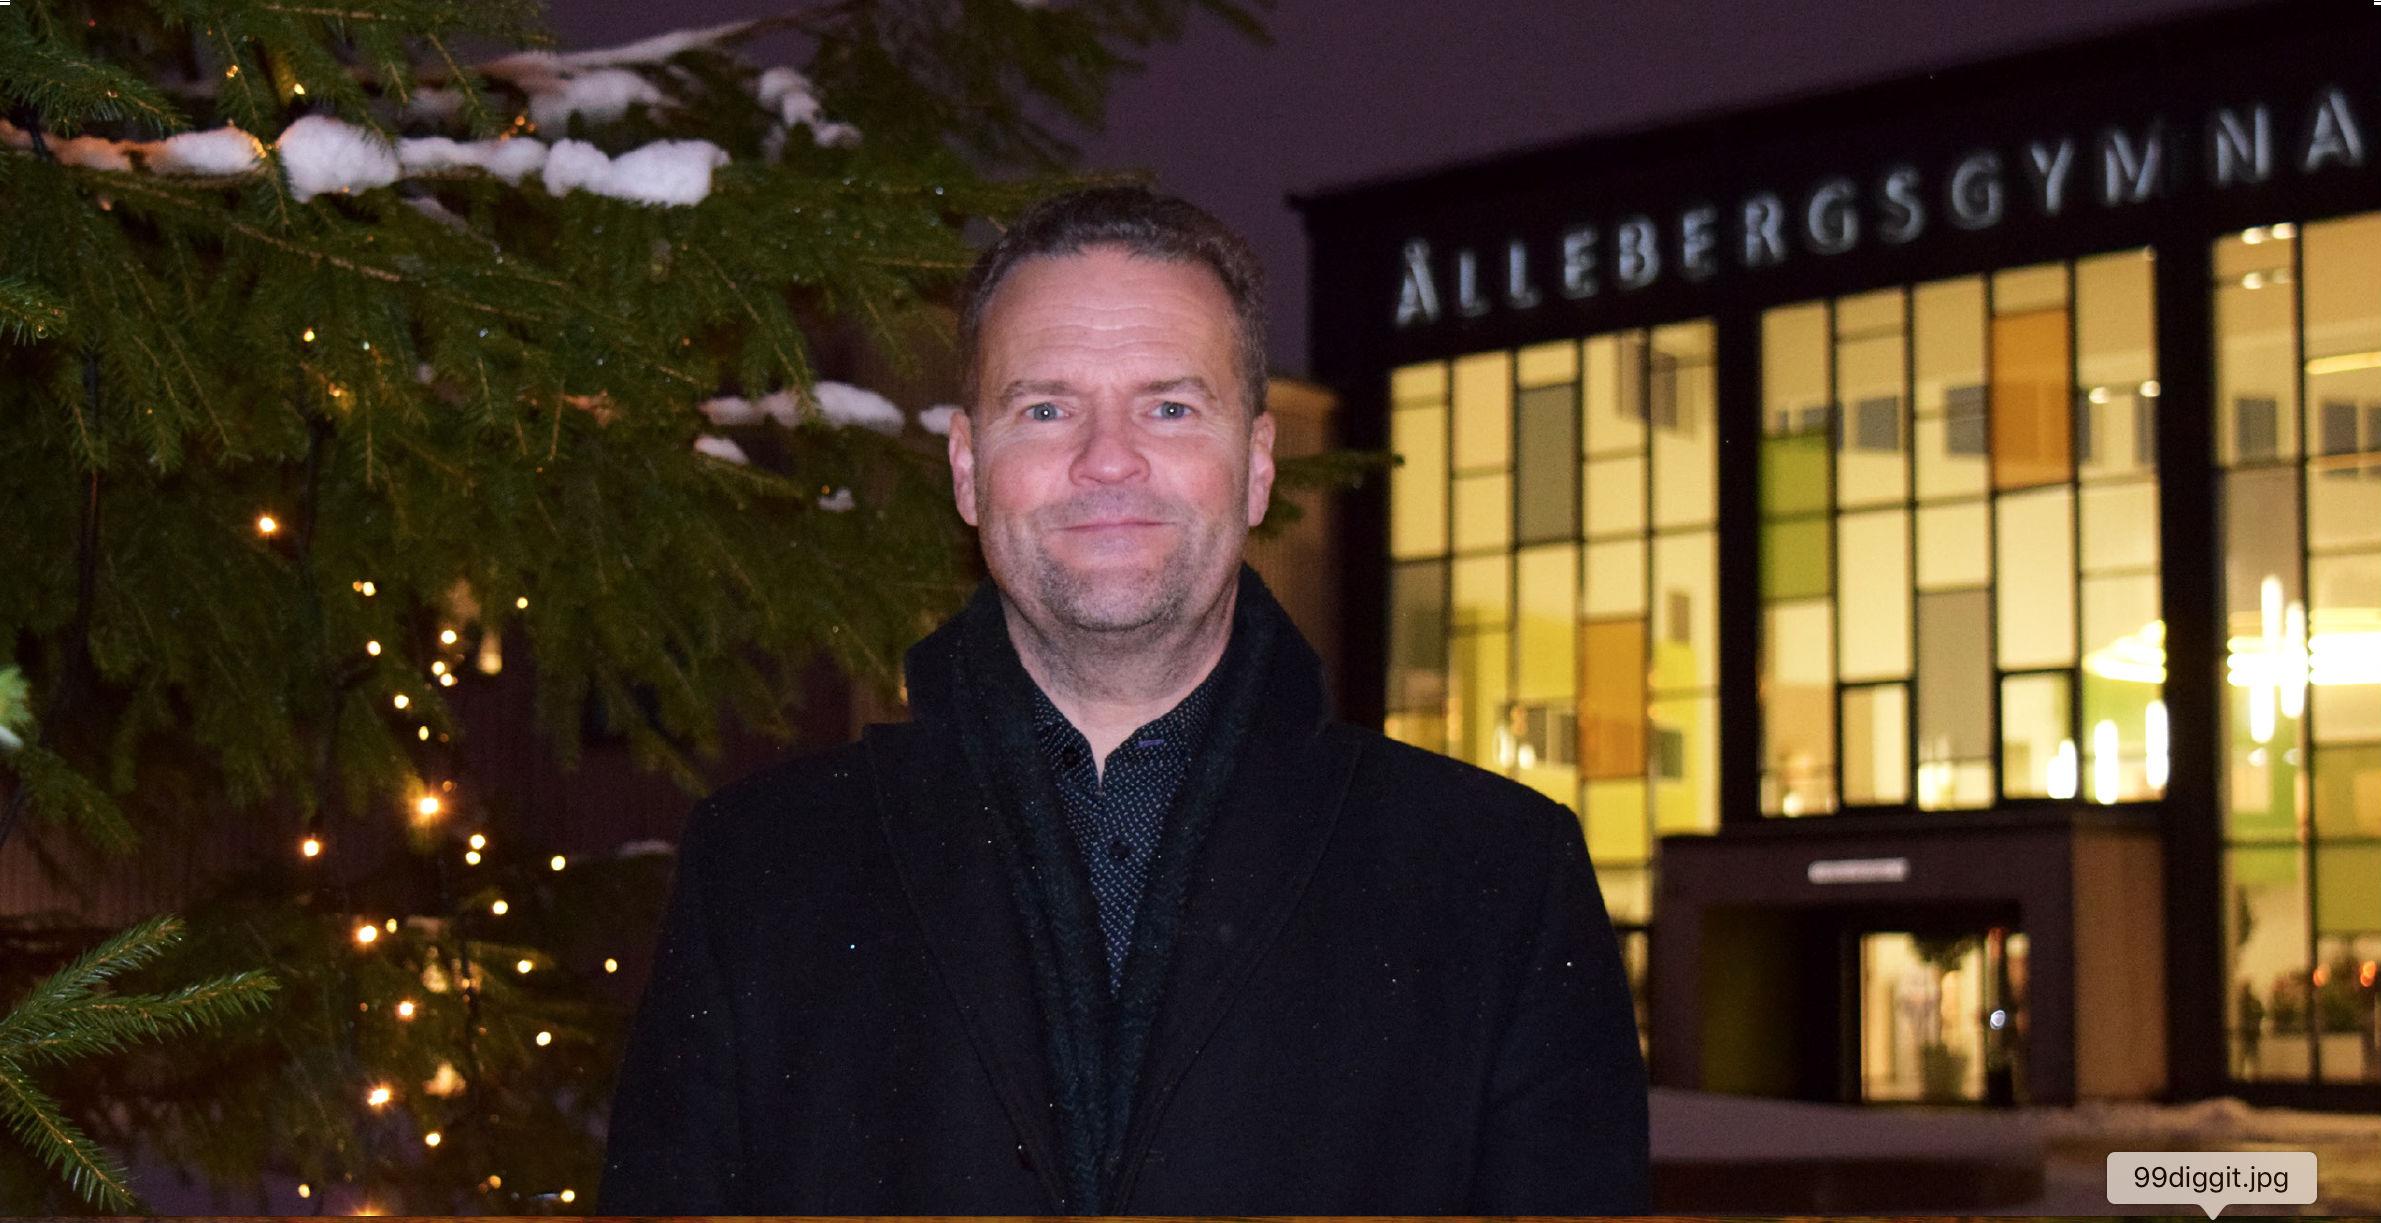 Varför väljer niondeklassare Ållebergsgymnasiet?